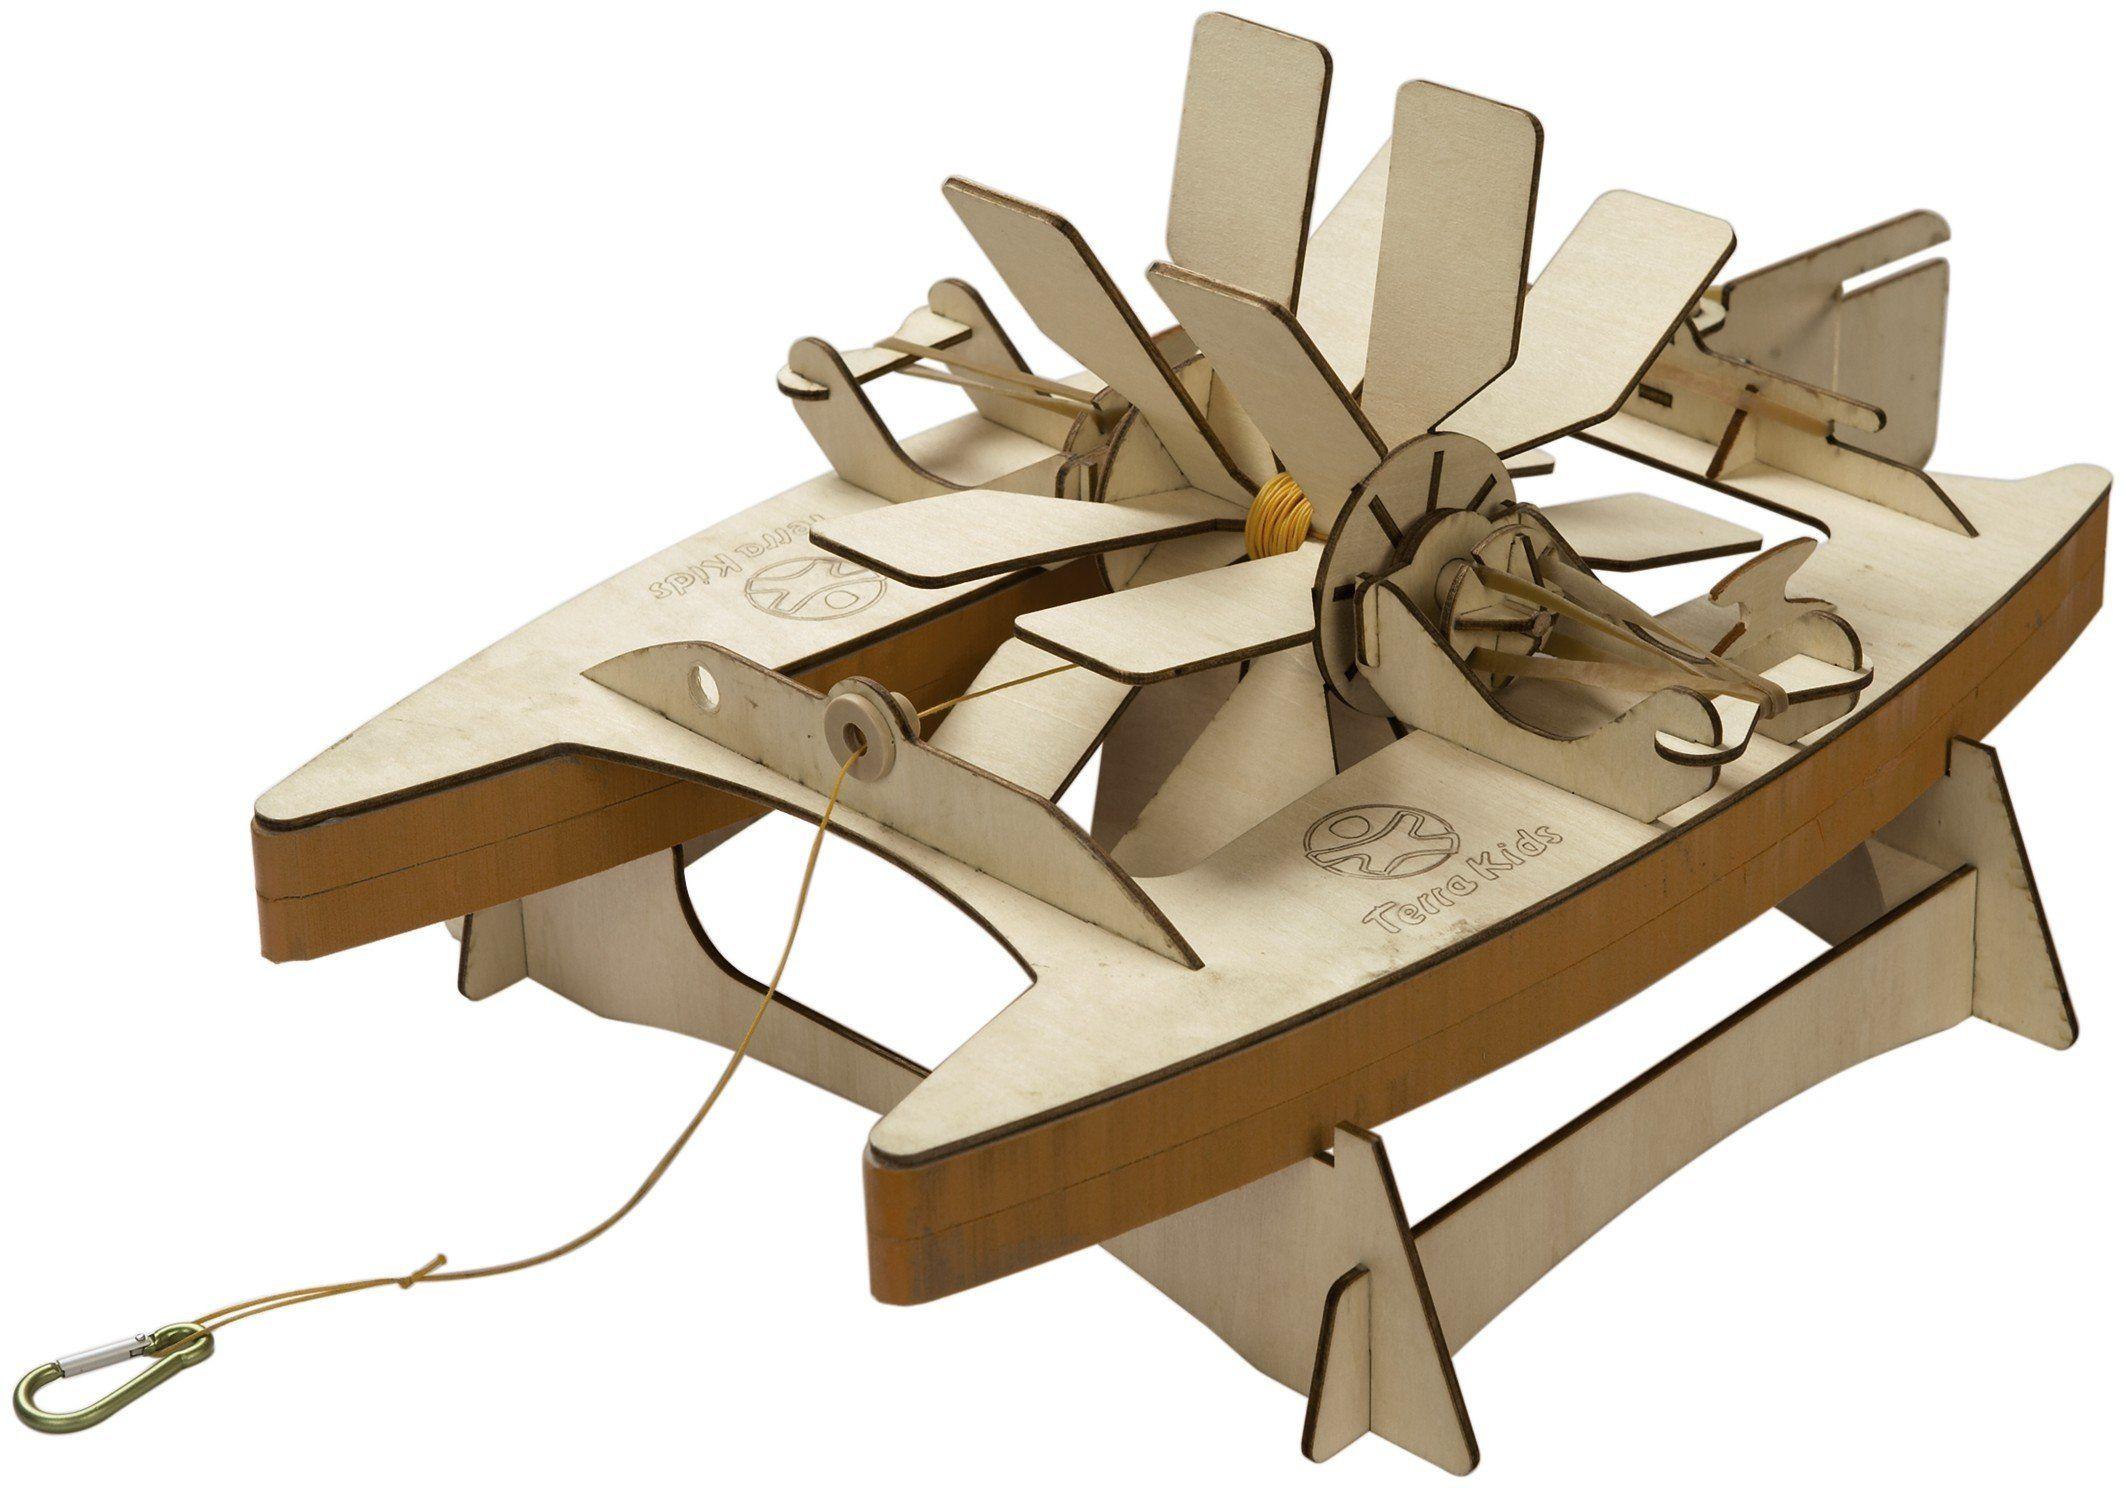 Catamarano da costruire in legno di haba un bel regalo for Costruire un altalena in legno